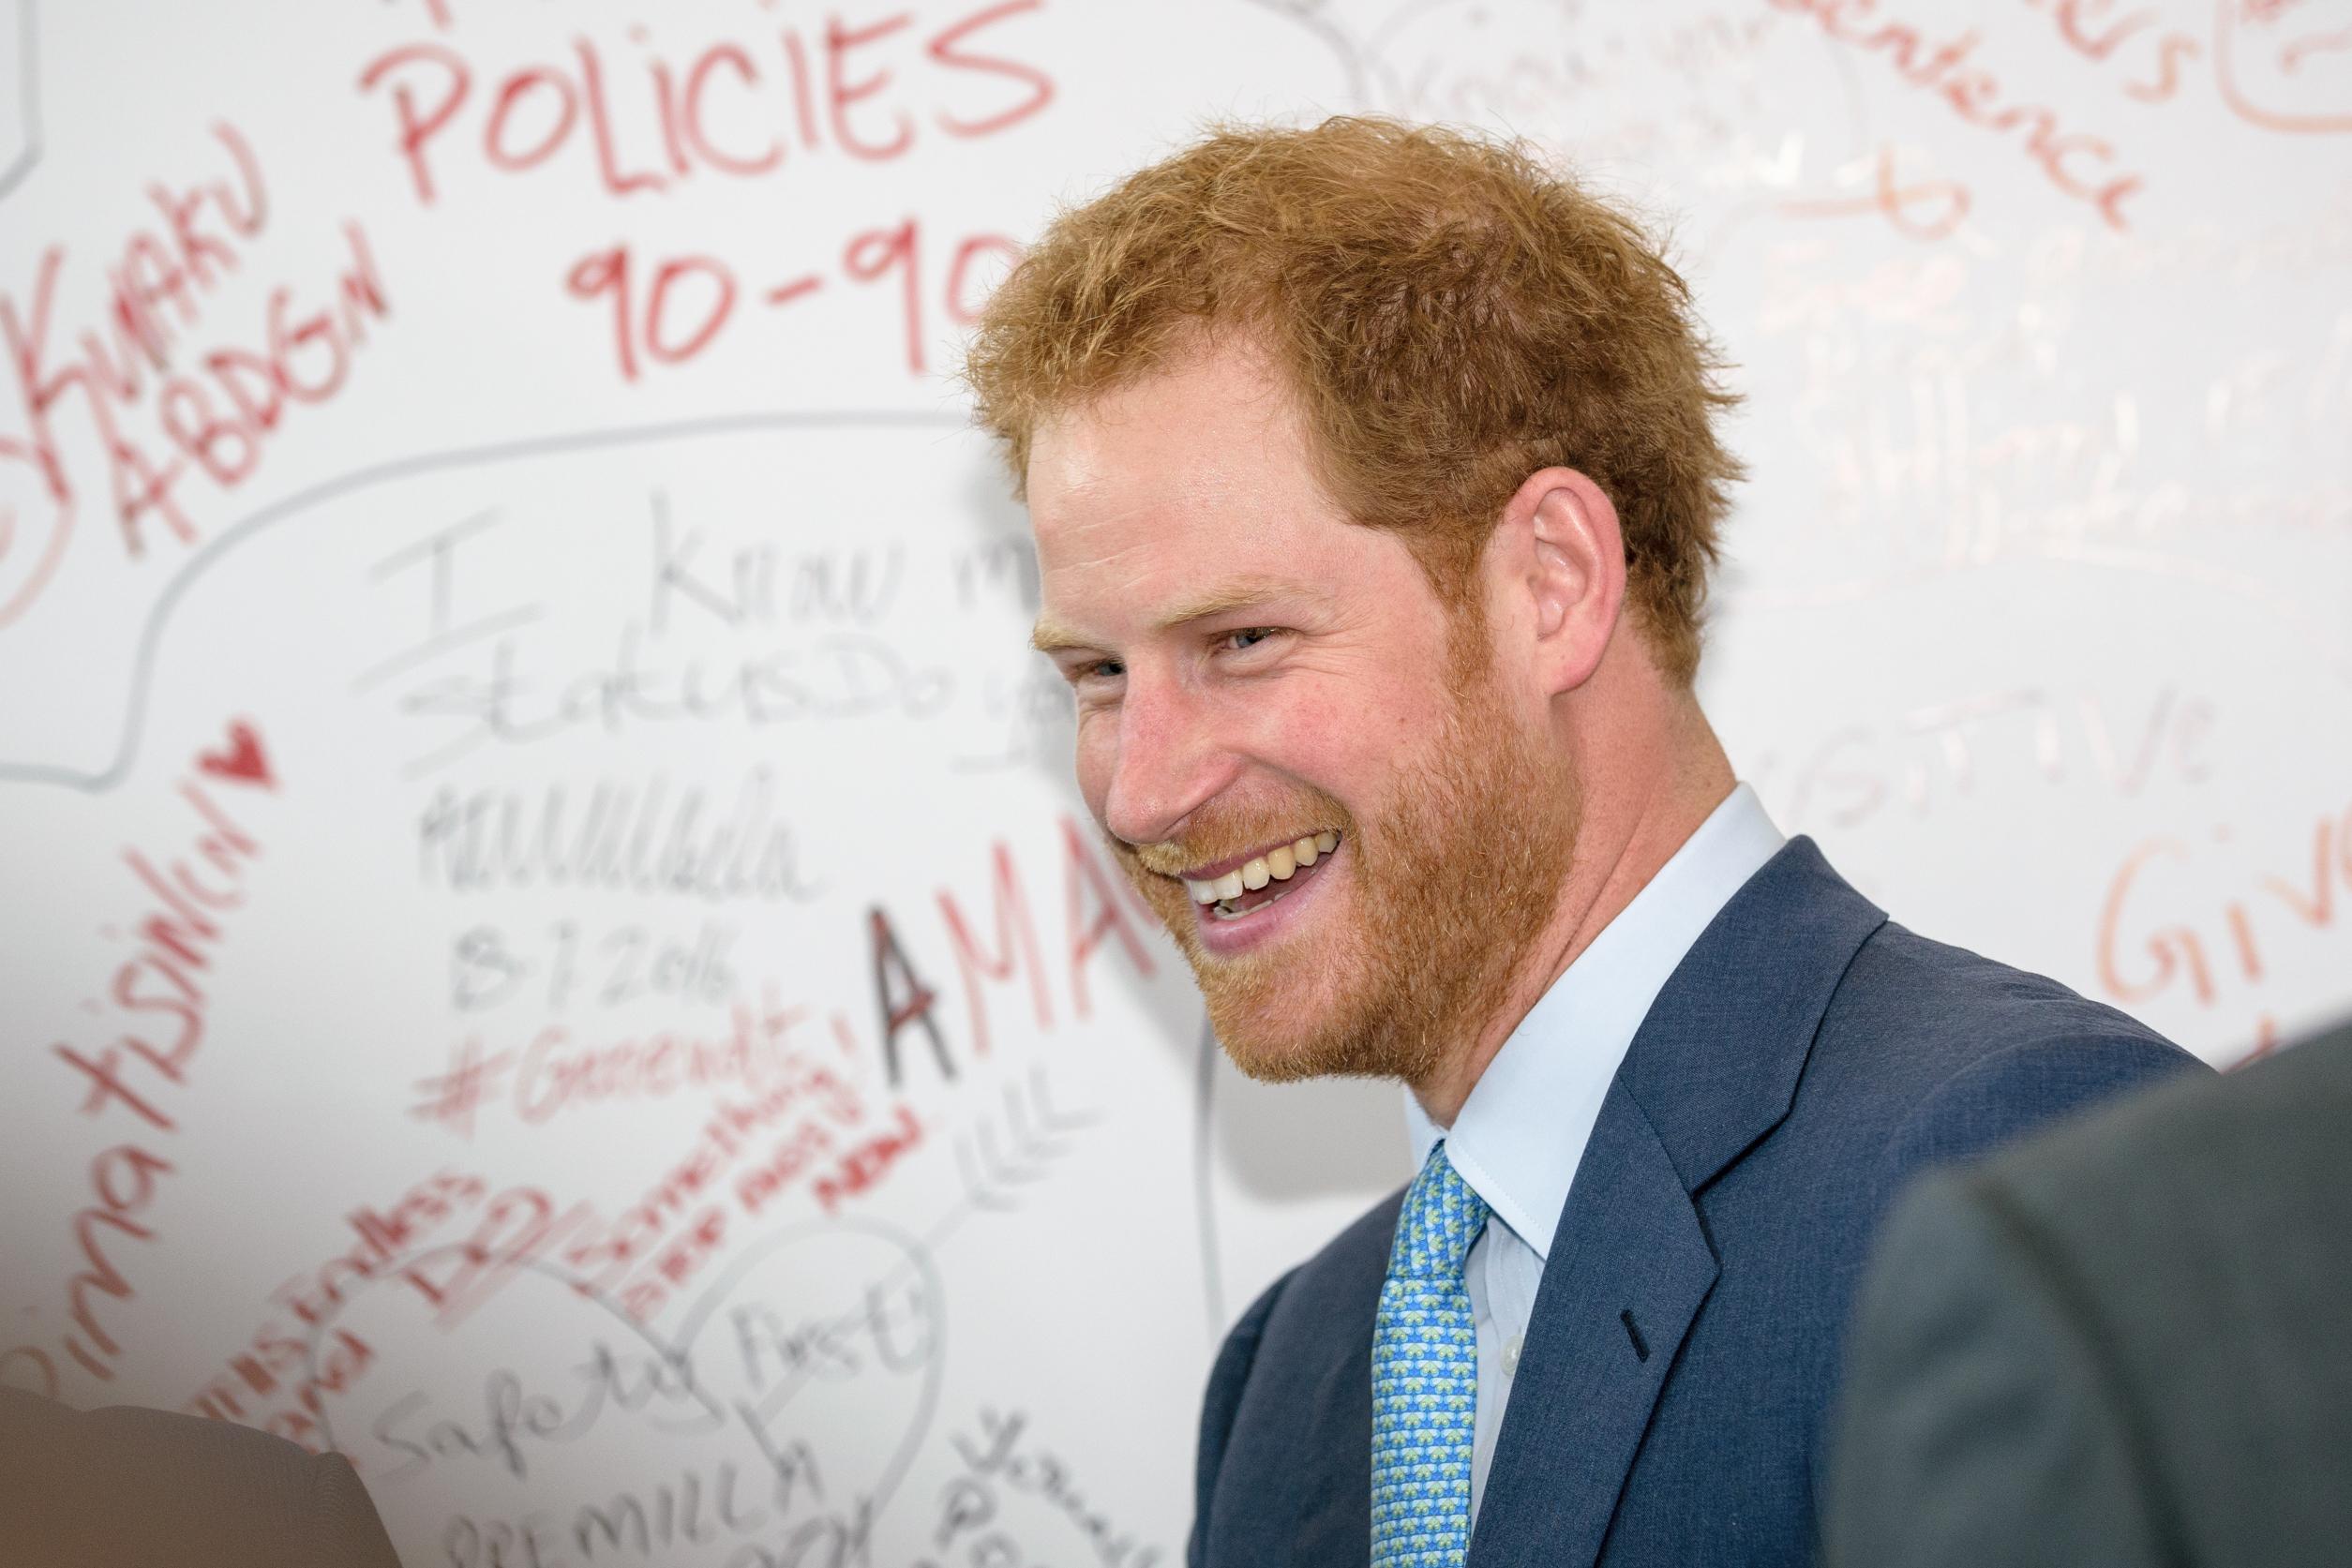 Príncipe Harry pede 'permissão' à rainha para se casar com Meghan Markle